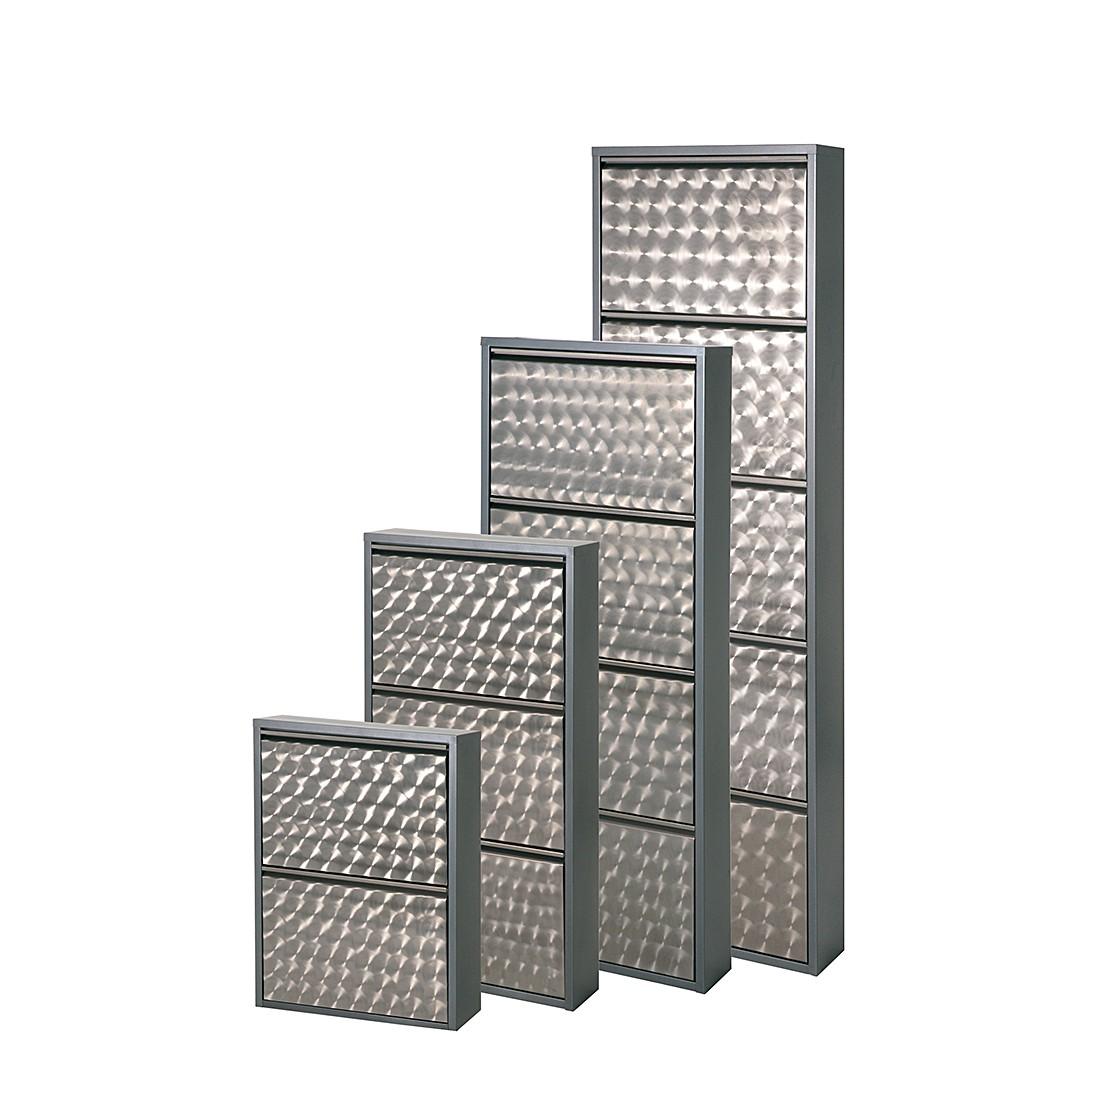 db6fb1e299a922 Schuhschrank Cabinet - Silber Geflext - 2 Klappen - Höhe 70 cm ...